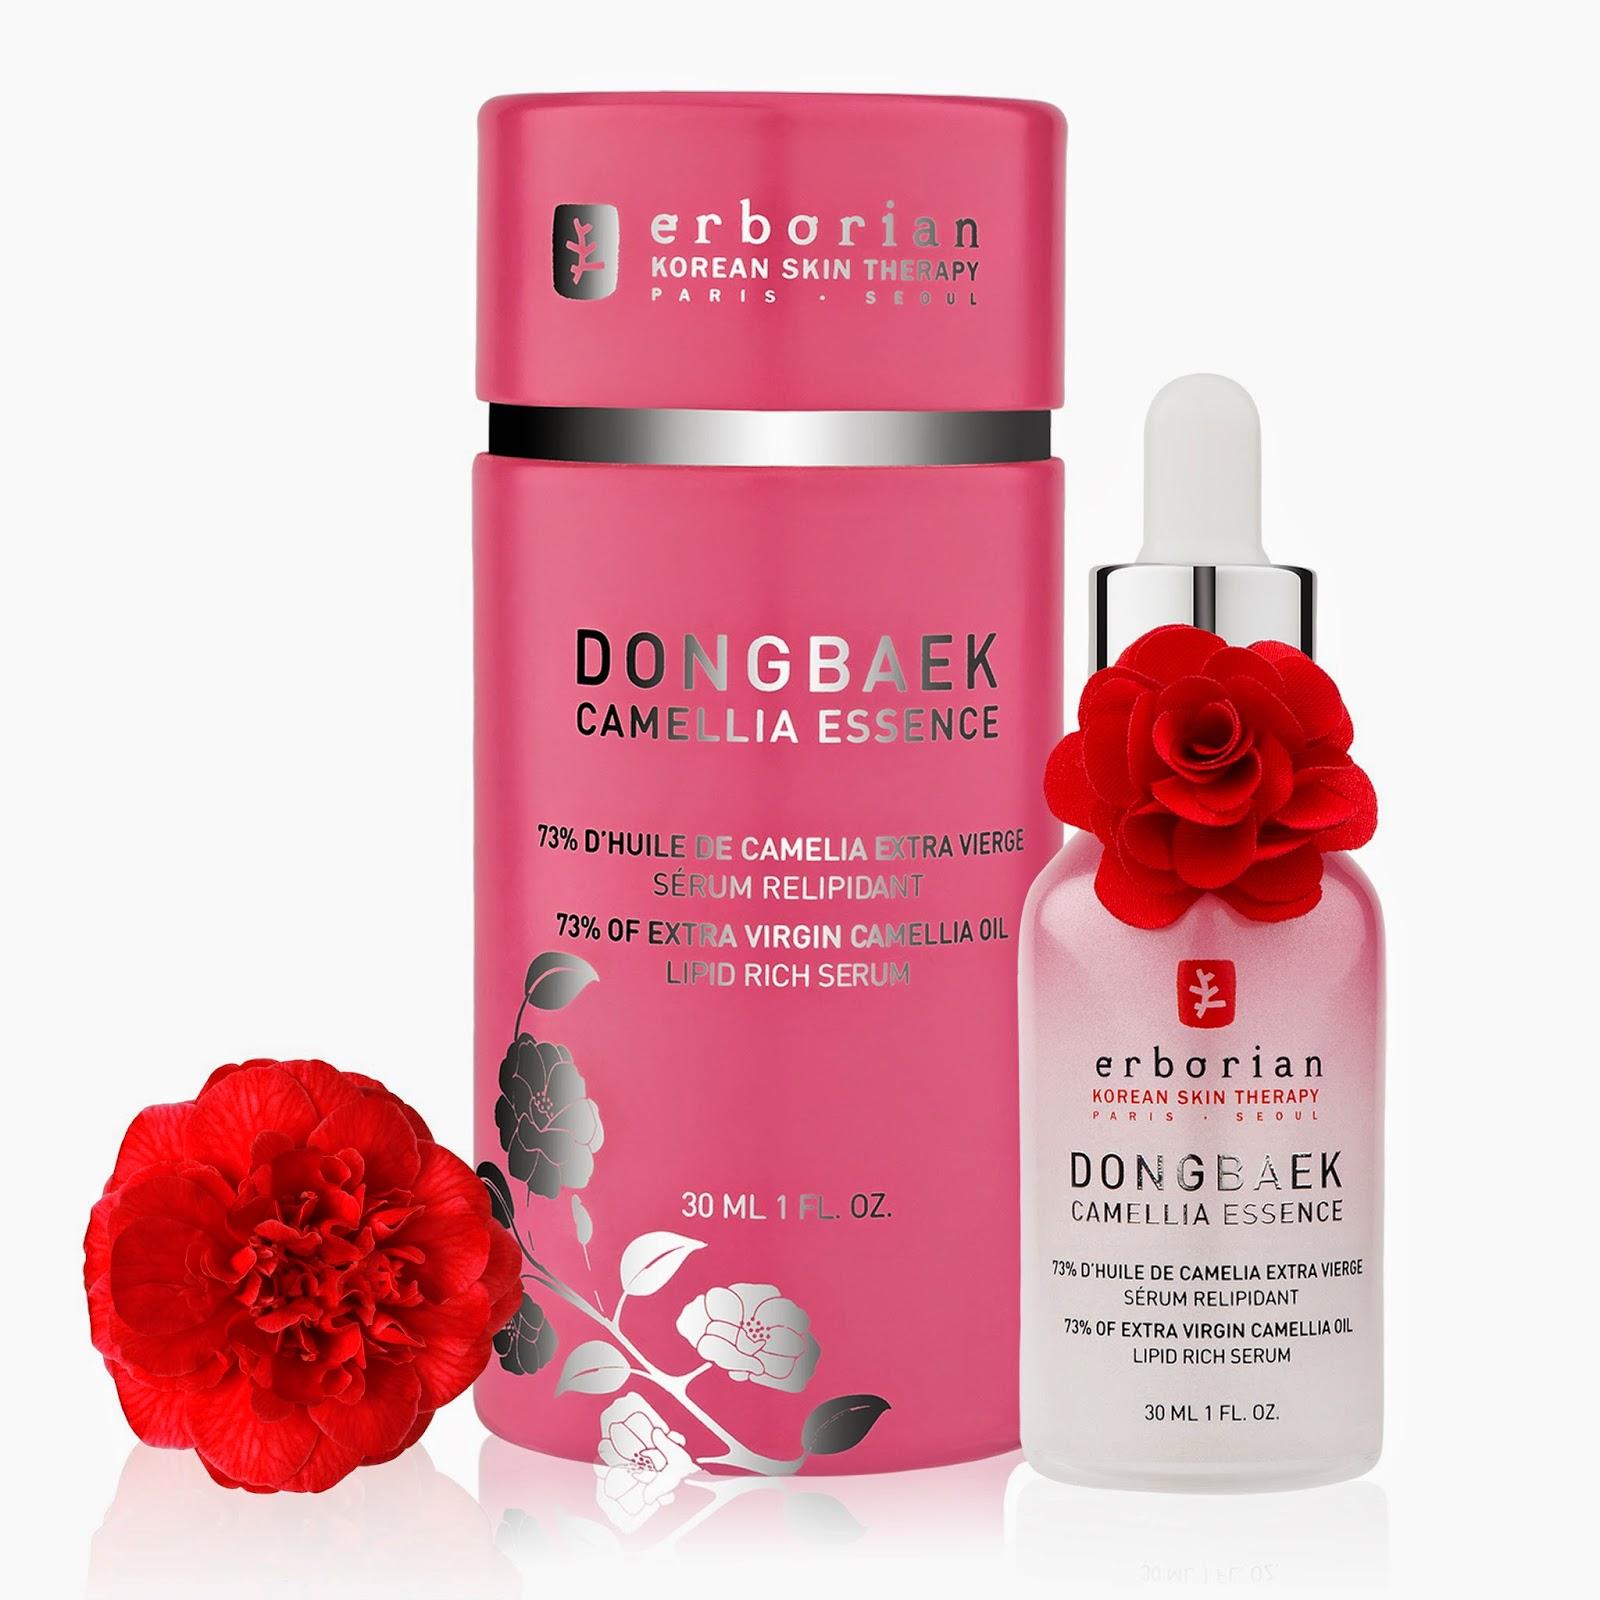 Dongbaek Camellia Essence - Erborian Sephora